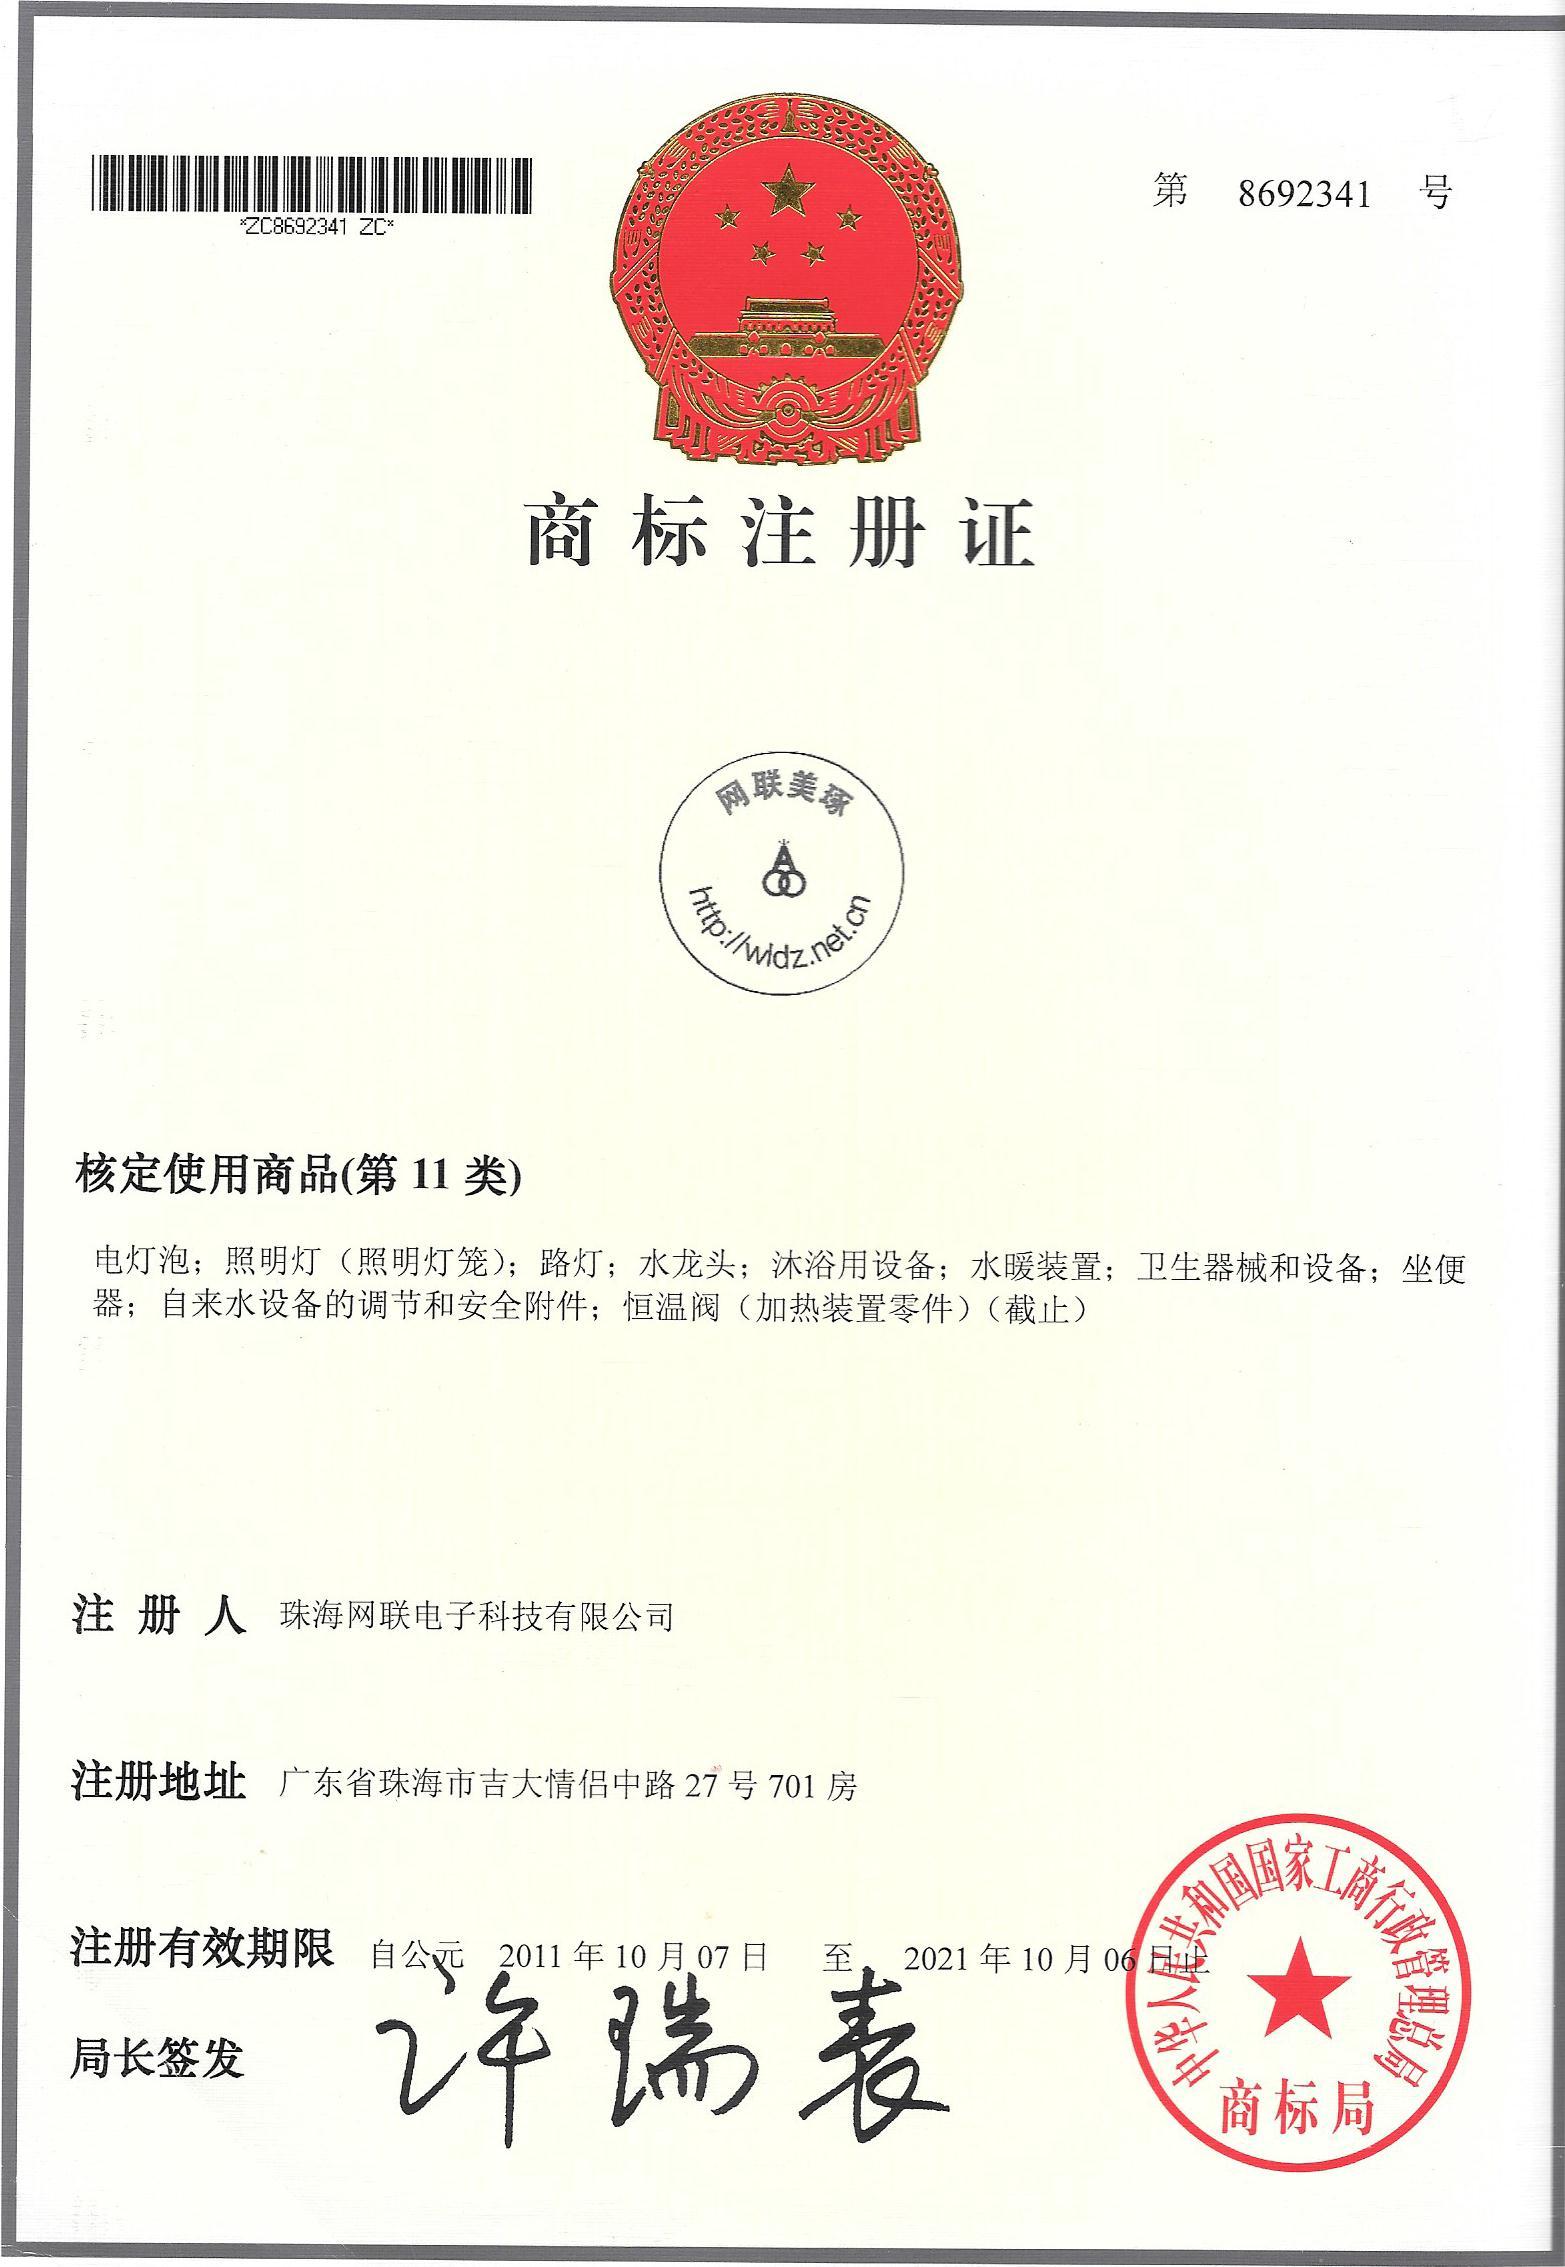 珠海网联电子科技有限公司